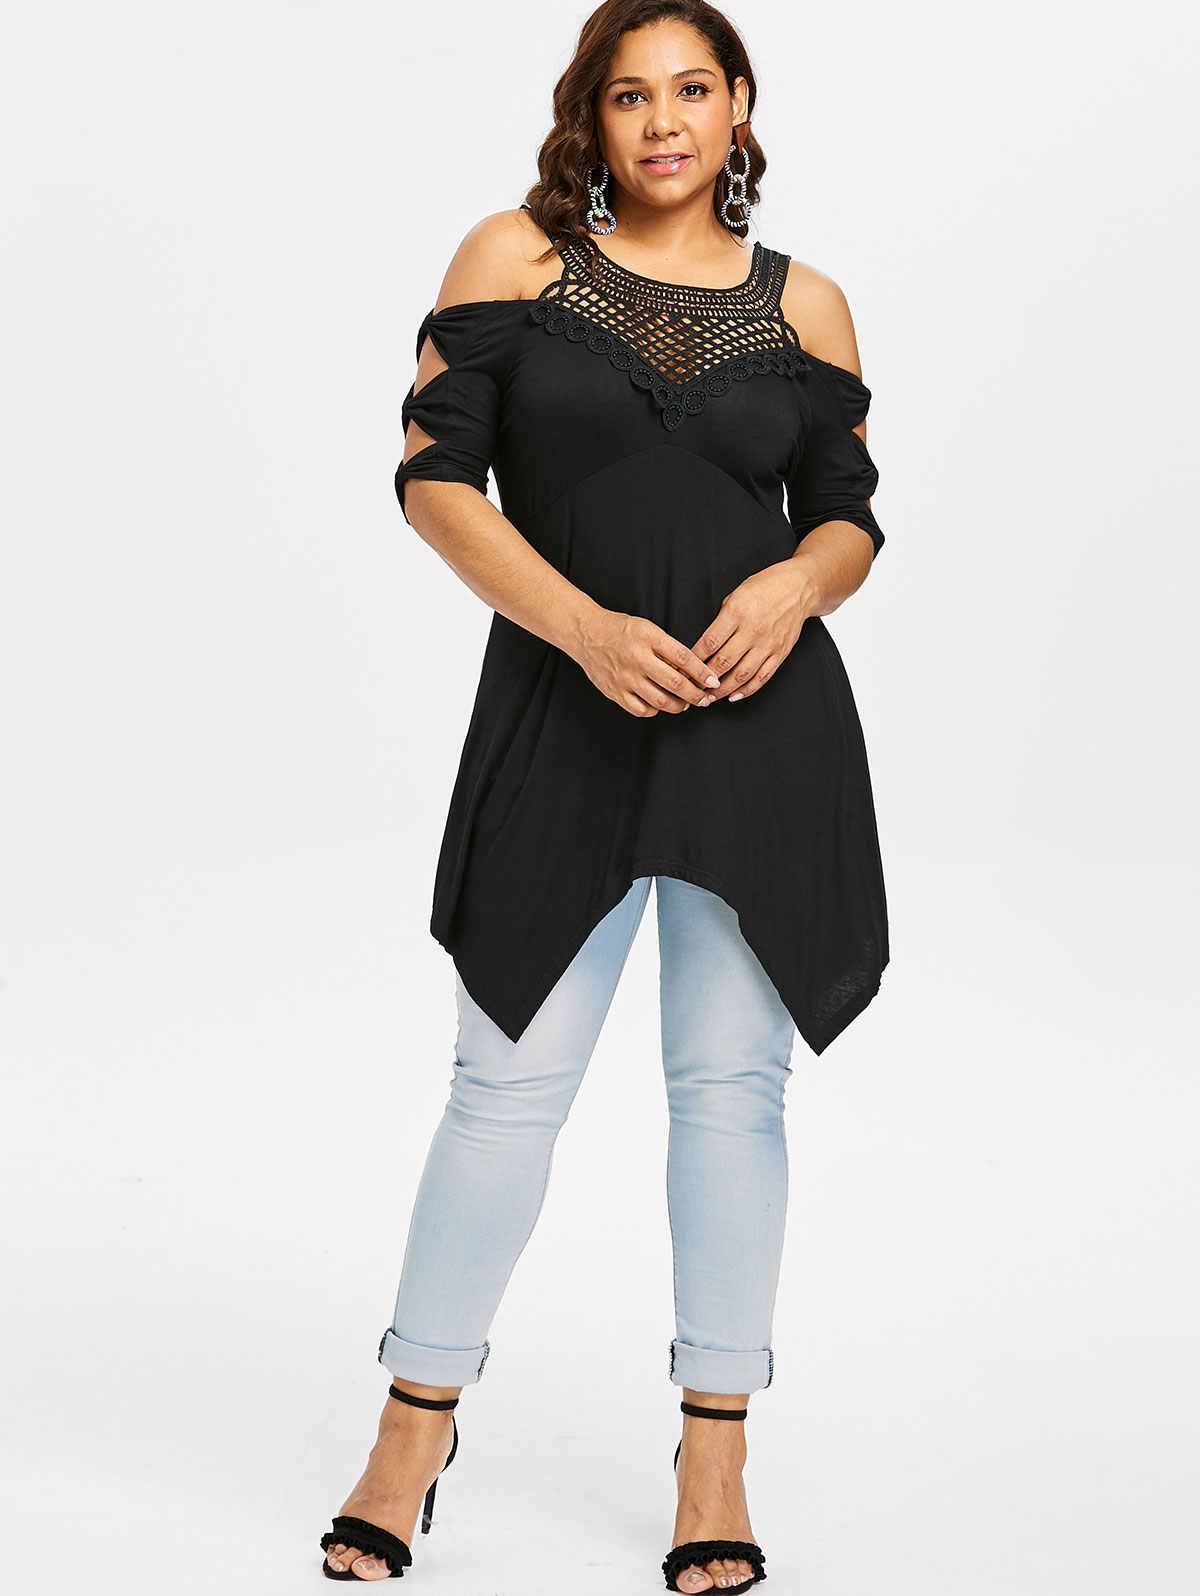 Wipalo плюс размер с открытыми плечами решетка передний носовой платок Женская футболка лето осень черный бант Половина рукава футболка Топы Футболки